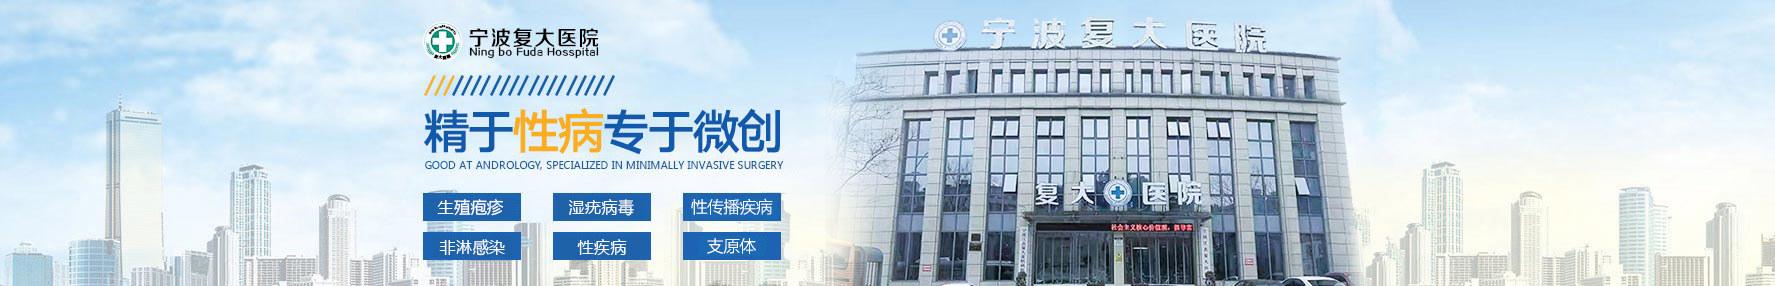 宁波江北复大性病医院